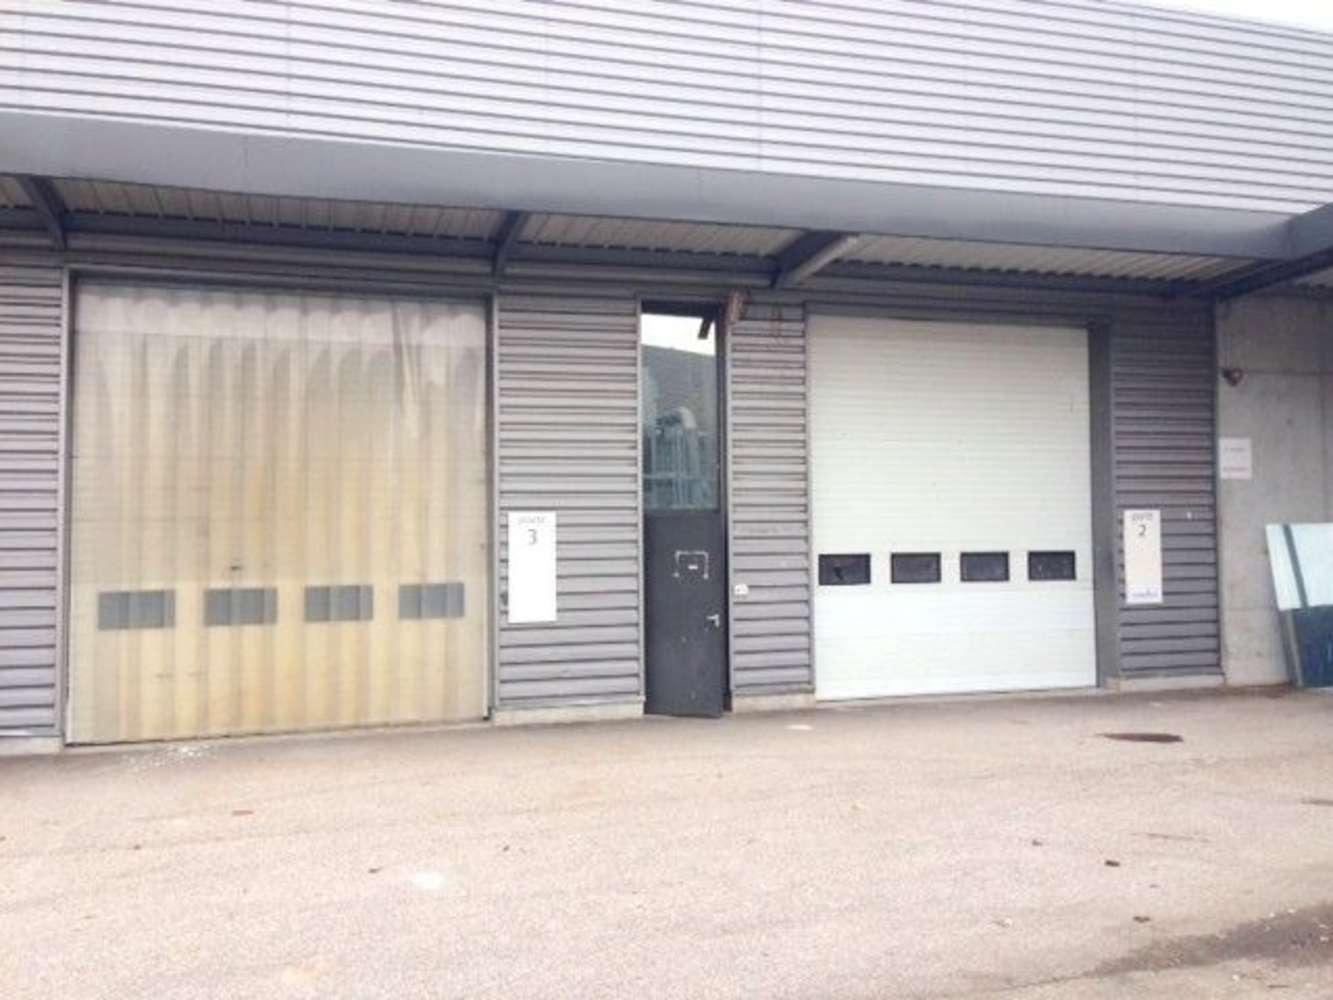 Activités/entrepôt Rillieux la pape, 69140 - Location locaux d'activité Lyon Nord - 9932432